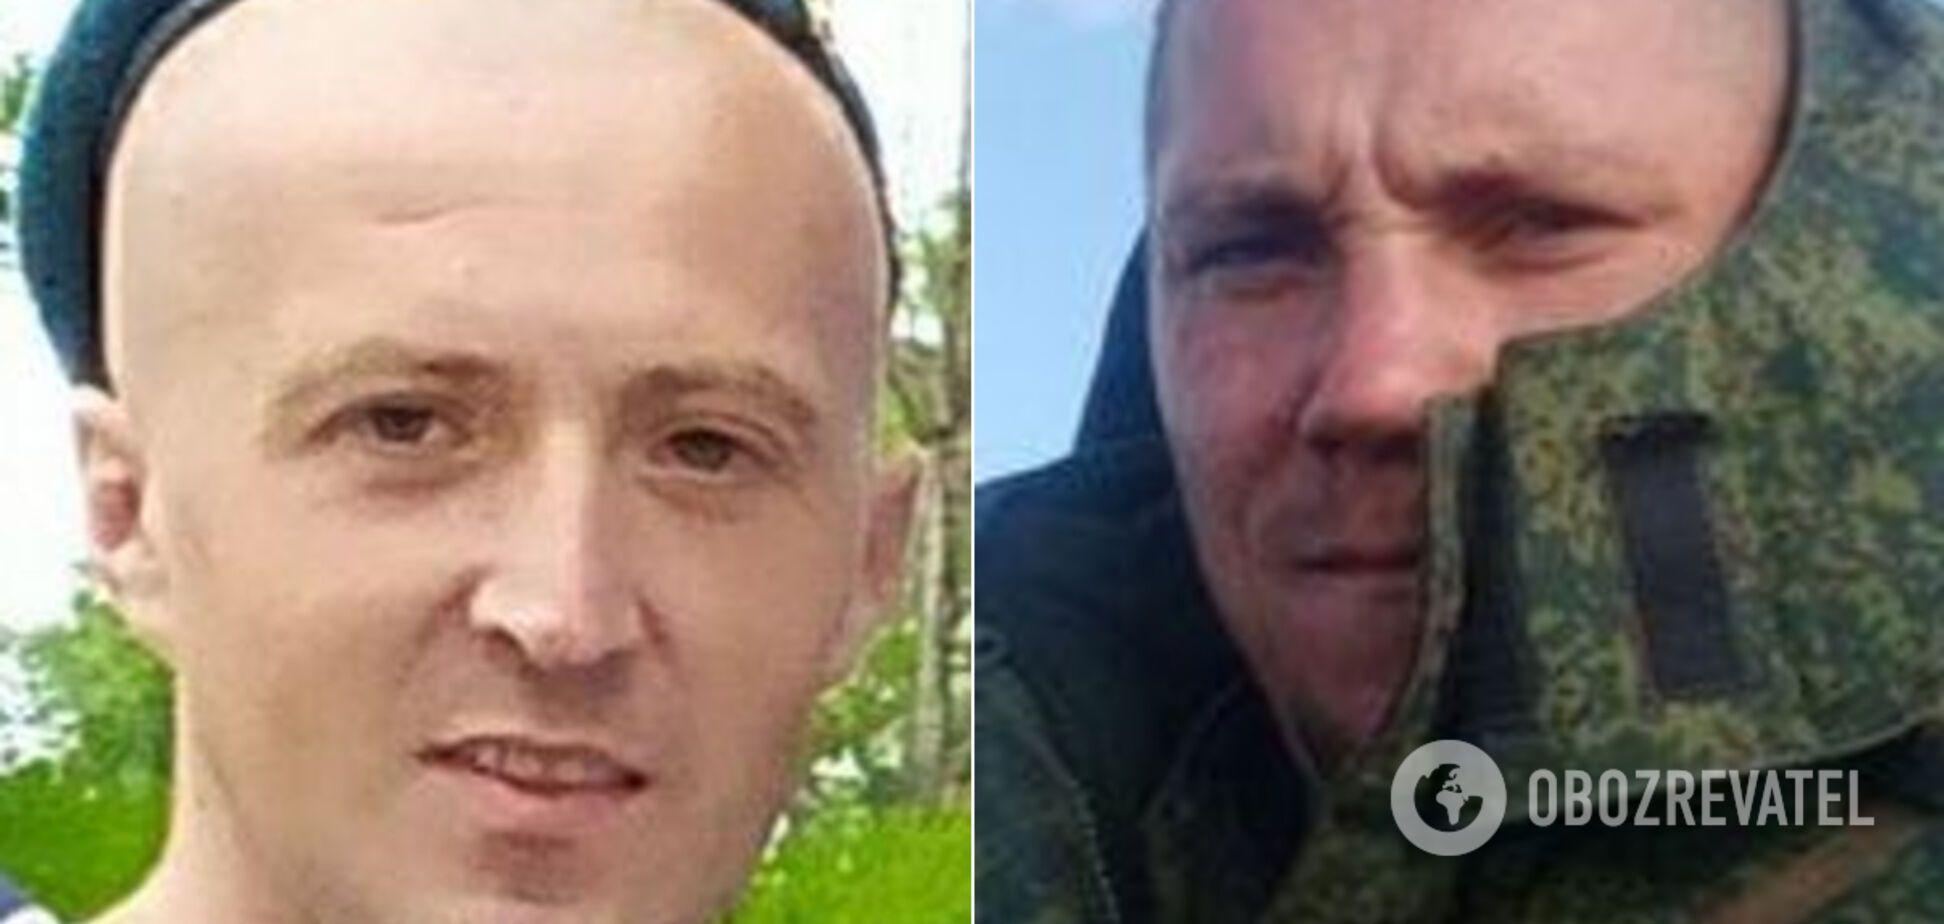 Террористы Жидовкин и Скобликов